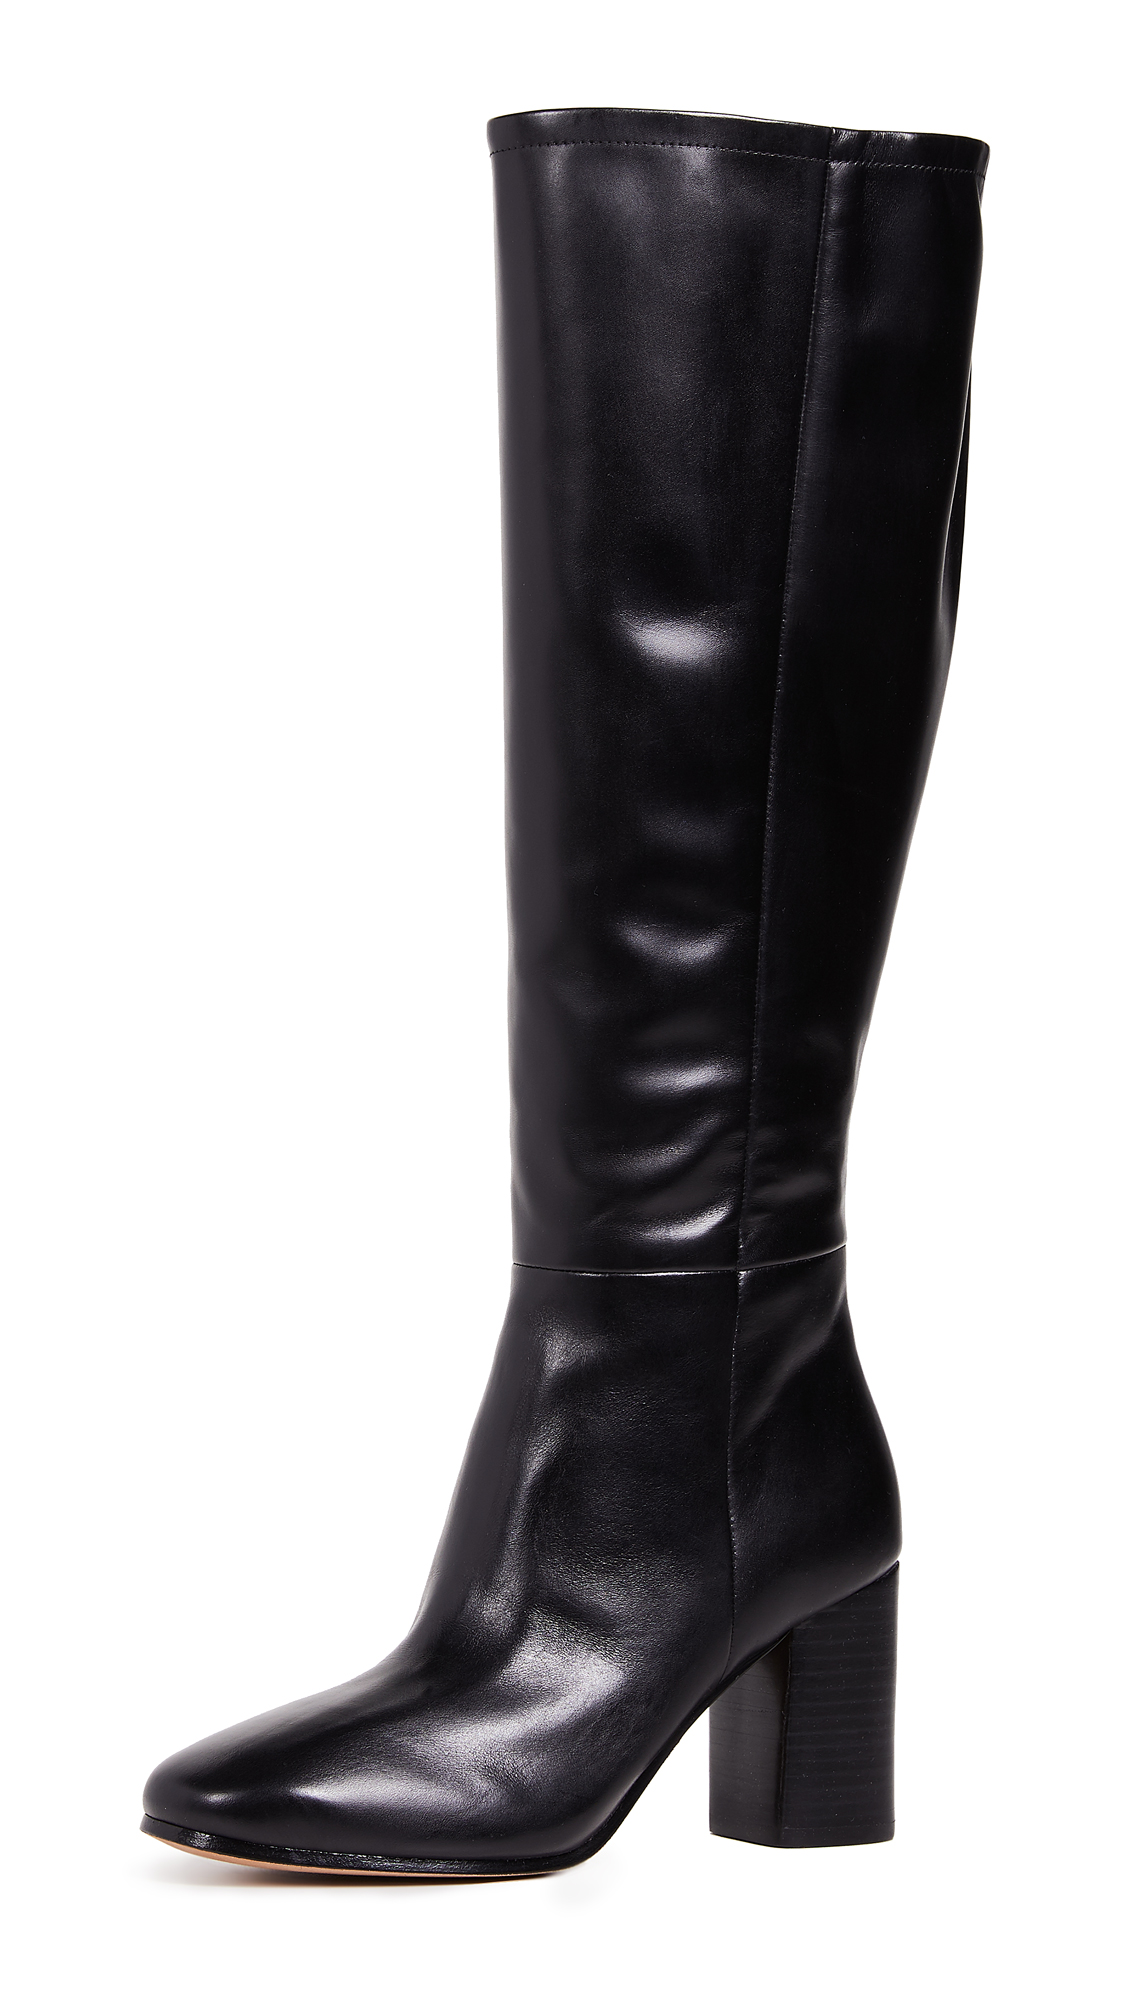 Diane von Furstenberg Reese Boots - Black